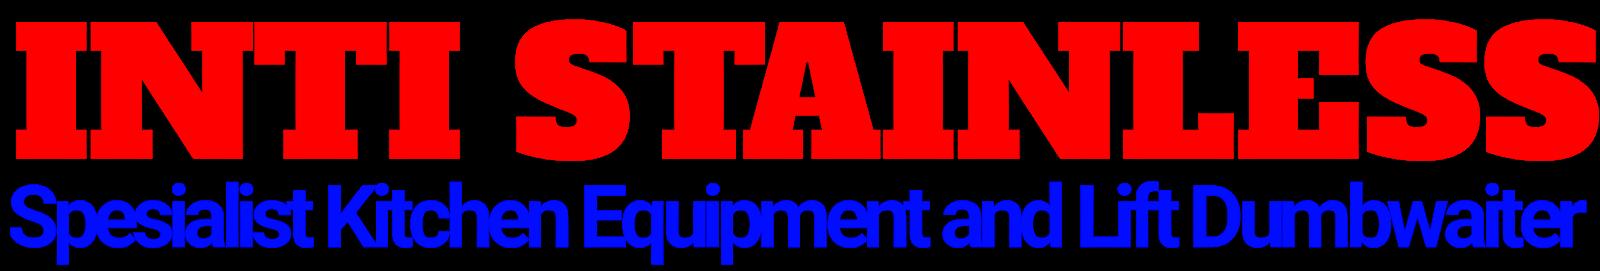 Jual Meja Stainless dan Peralatan Dapur Restoran dari Stainless ( Kitchen Equipment) Custom